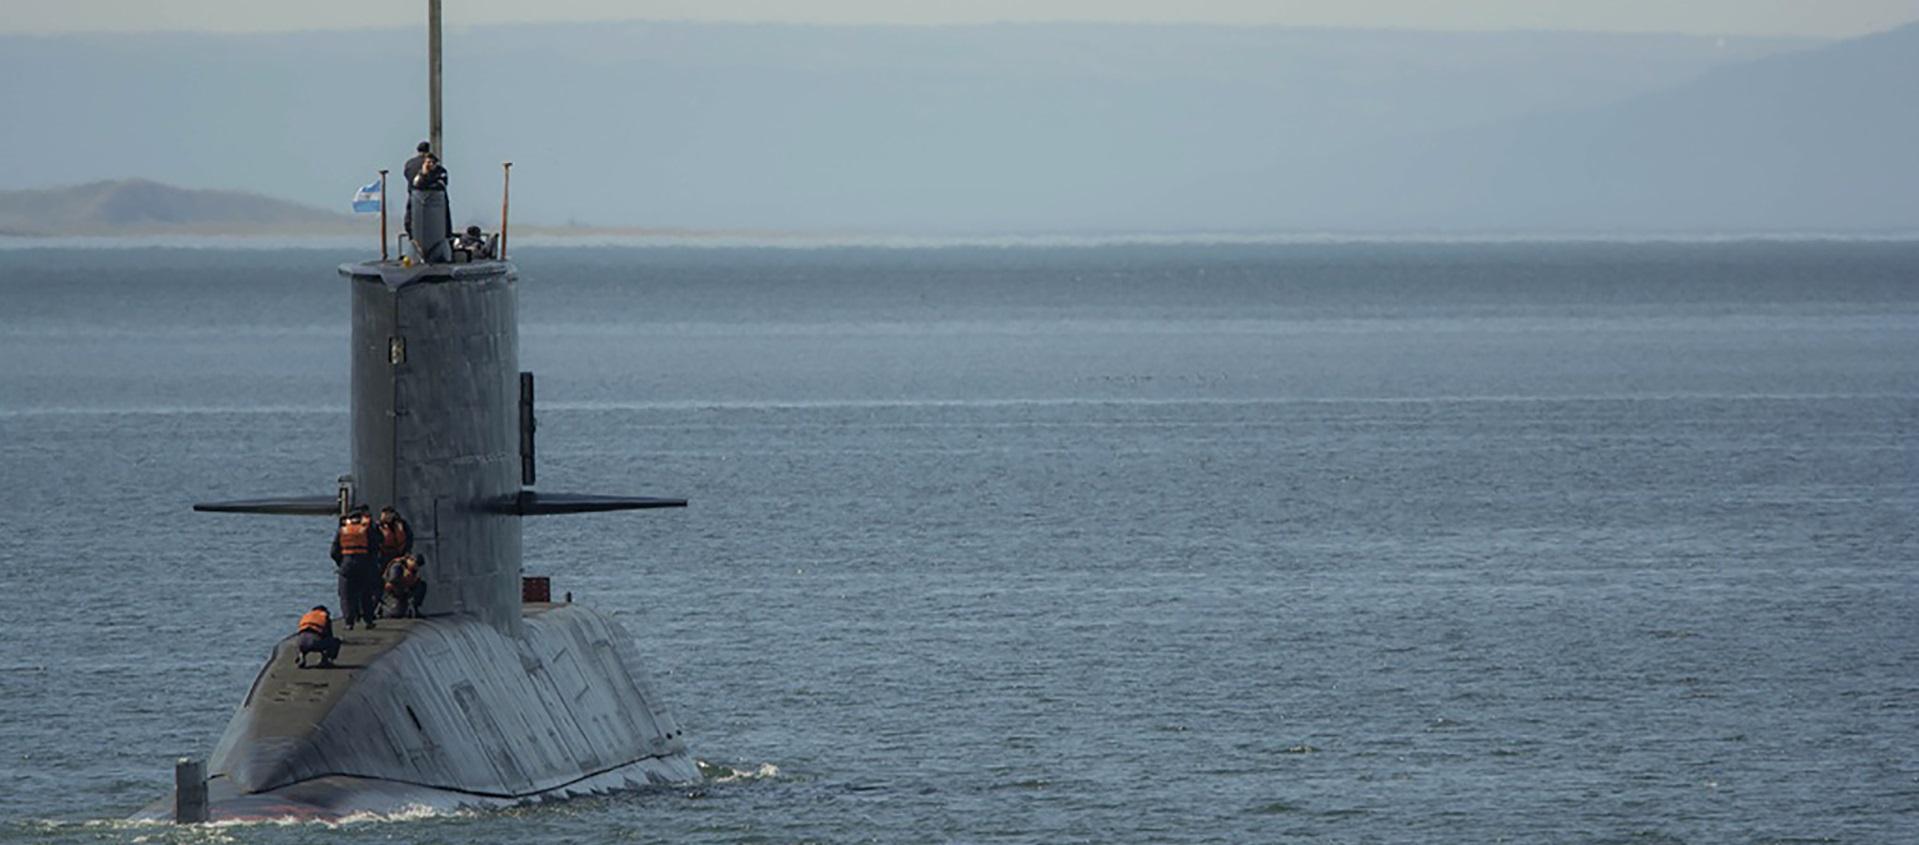 Submarino A.R.A. SAN JUAN – Os 44 permanecem ao largo